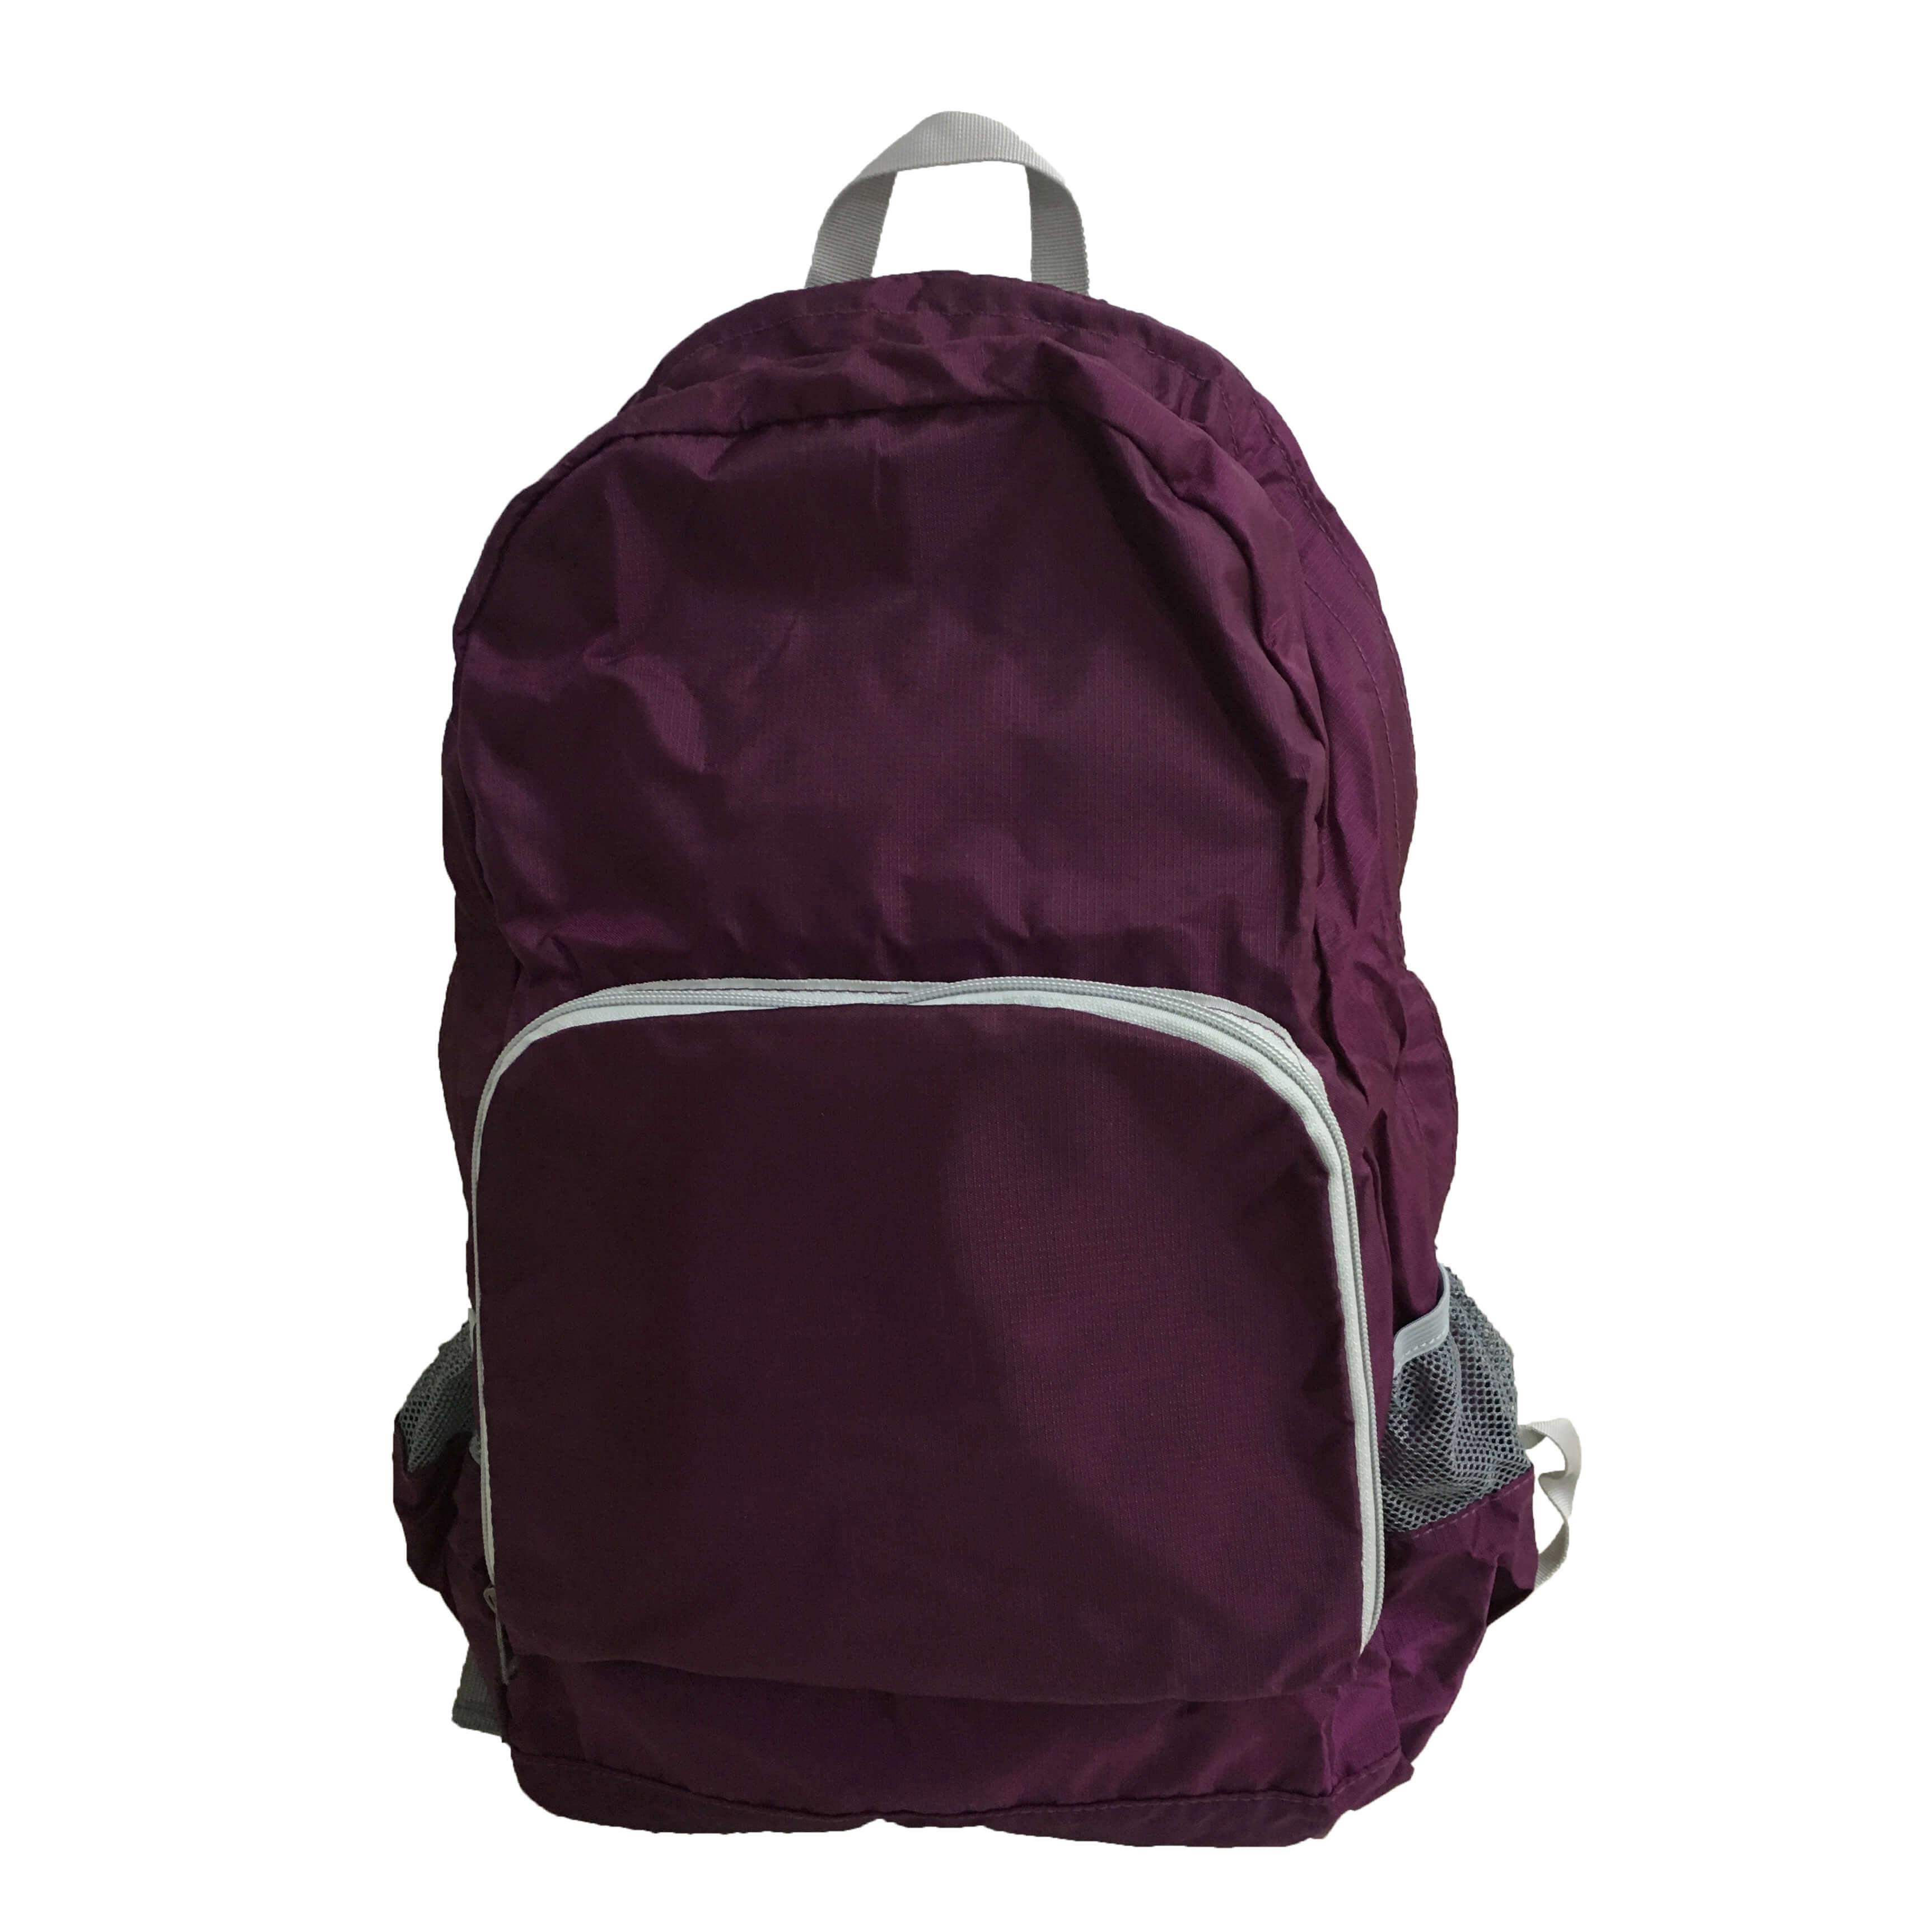 禮品, 企業禮品, 訂造, 訂製, gift and premium, 商務禮品, 玻璃杯, 訂造袋, 背包, 背囊